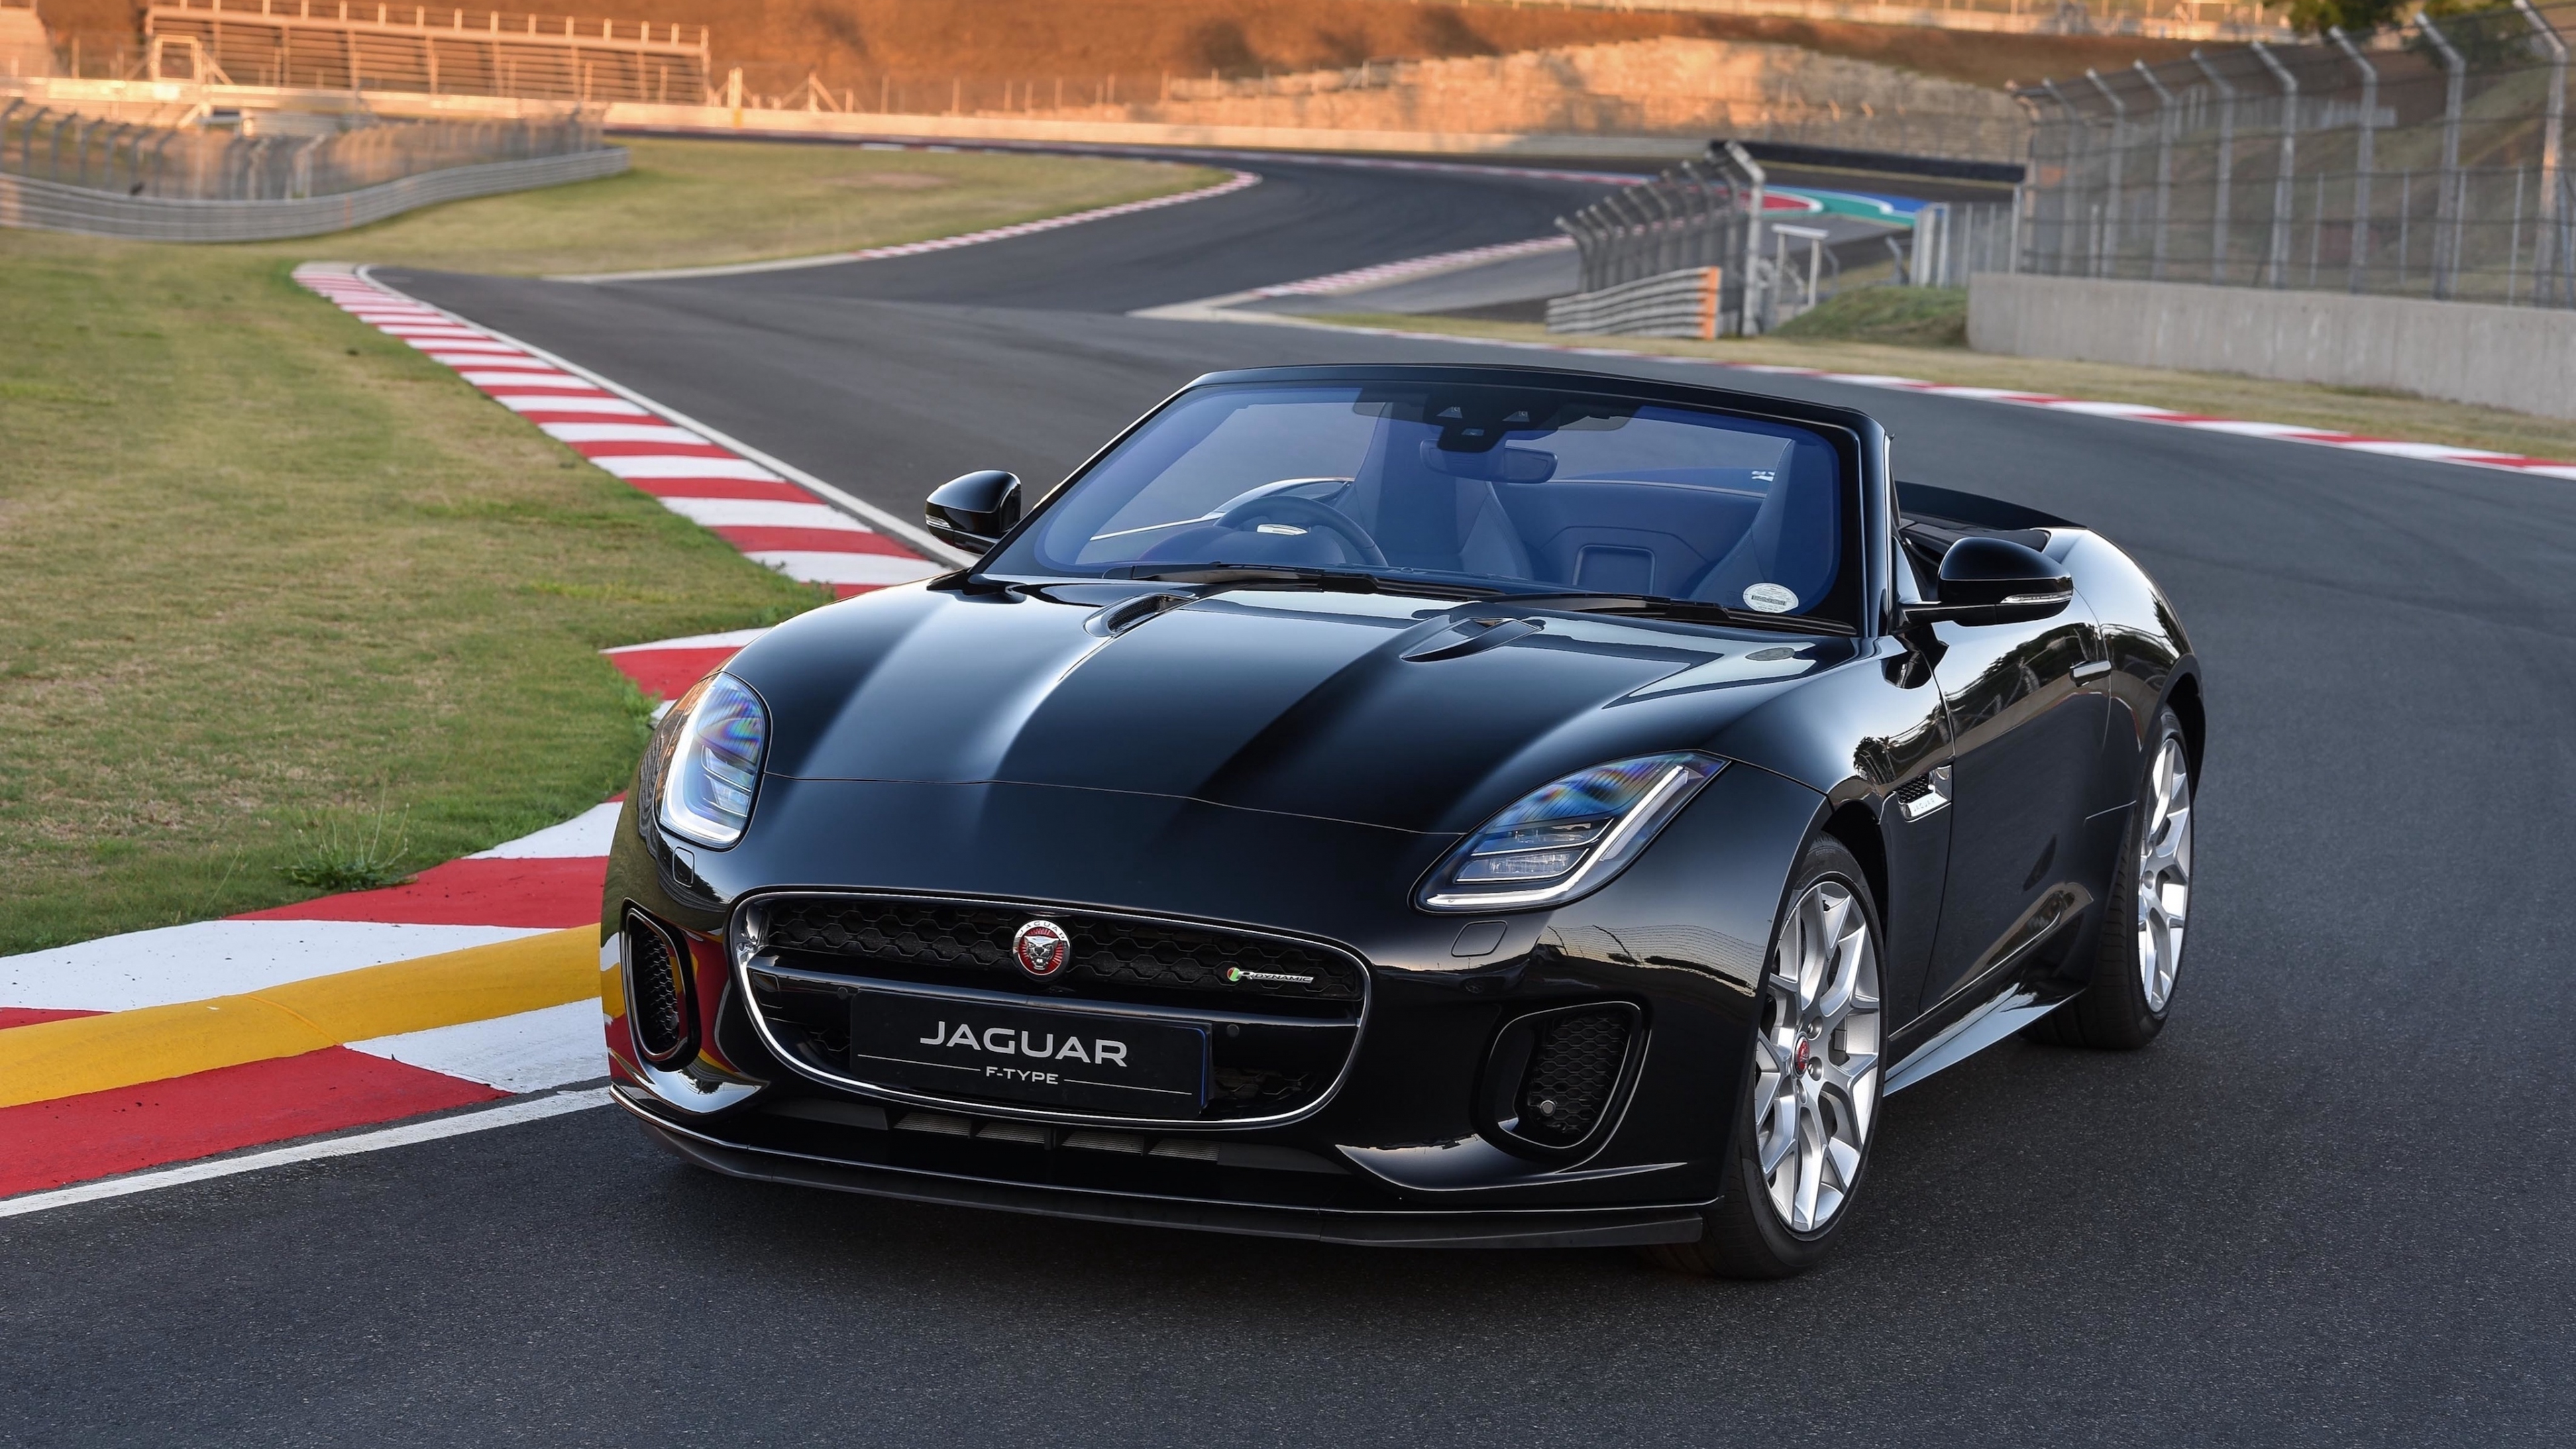 Download 3840x2160 Wallpaper Sports Convertible Car Jaguar